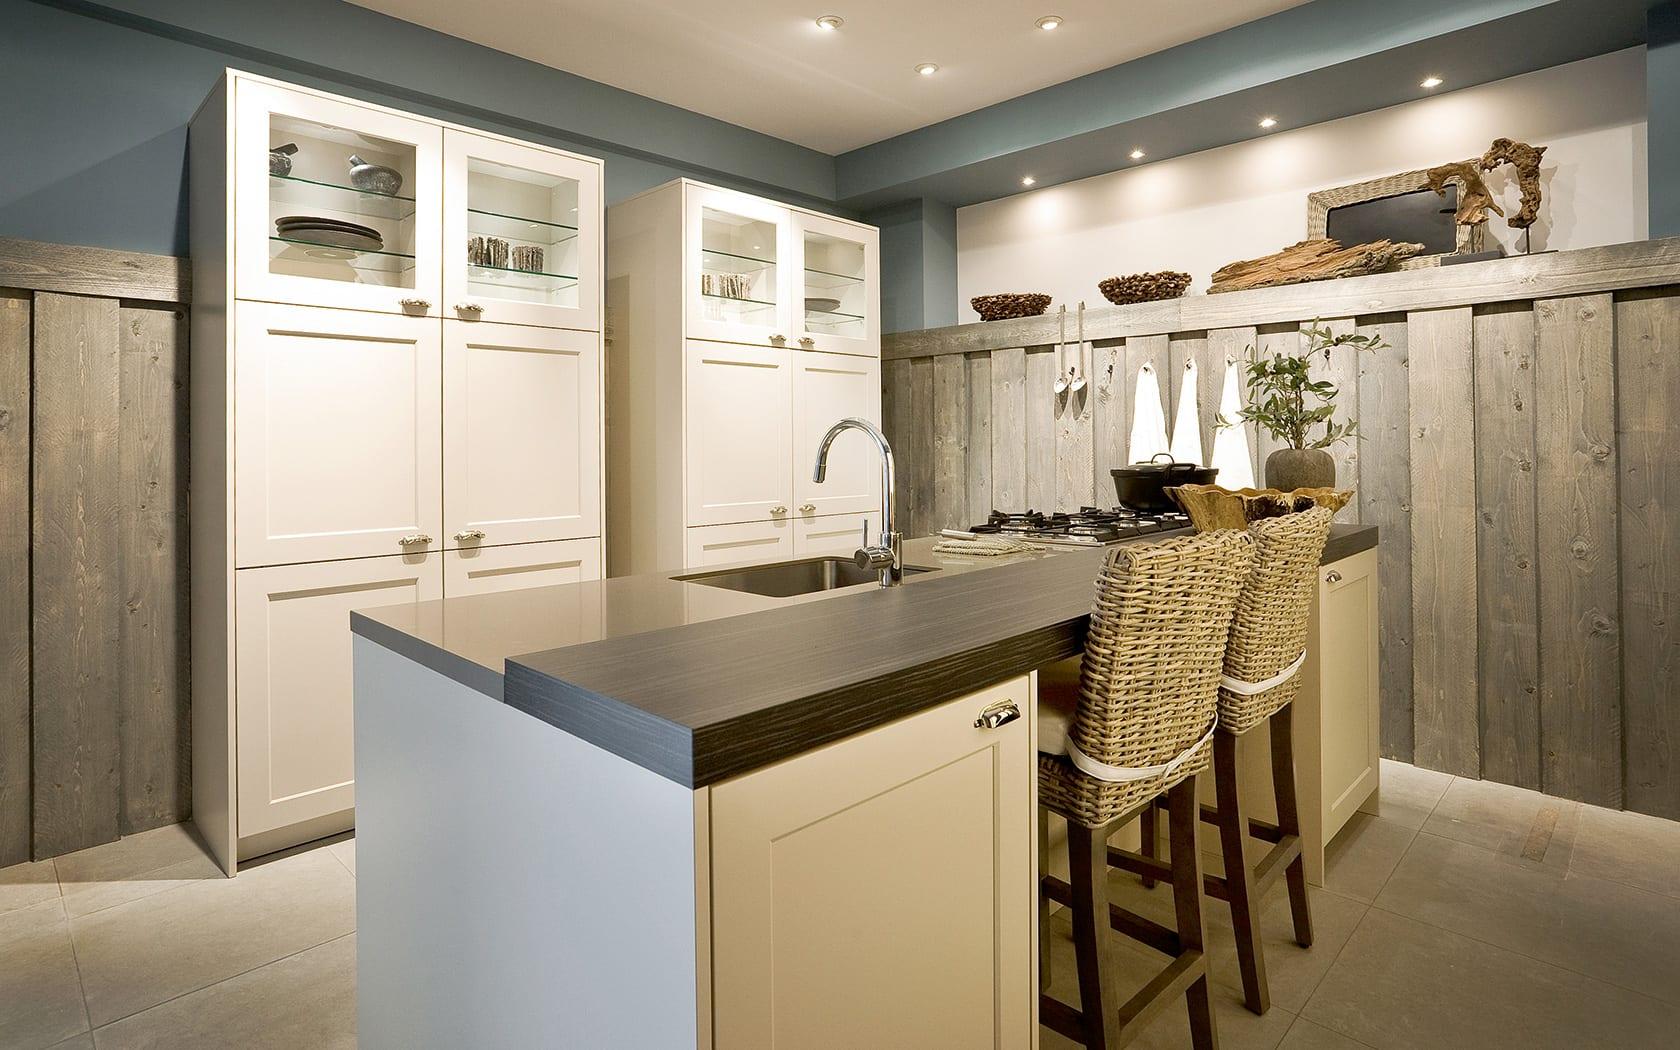 küchen aktuell - küche mit kochinsel und rattan Barhockern und Holz-Wandverkleidung